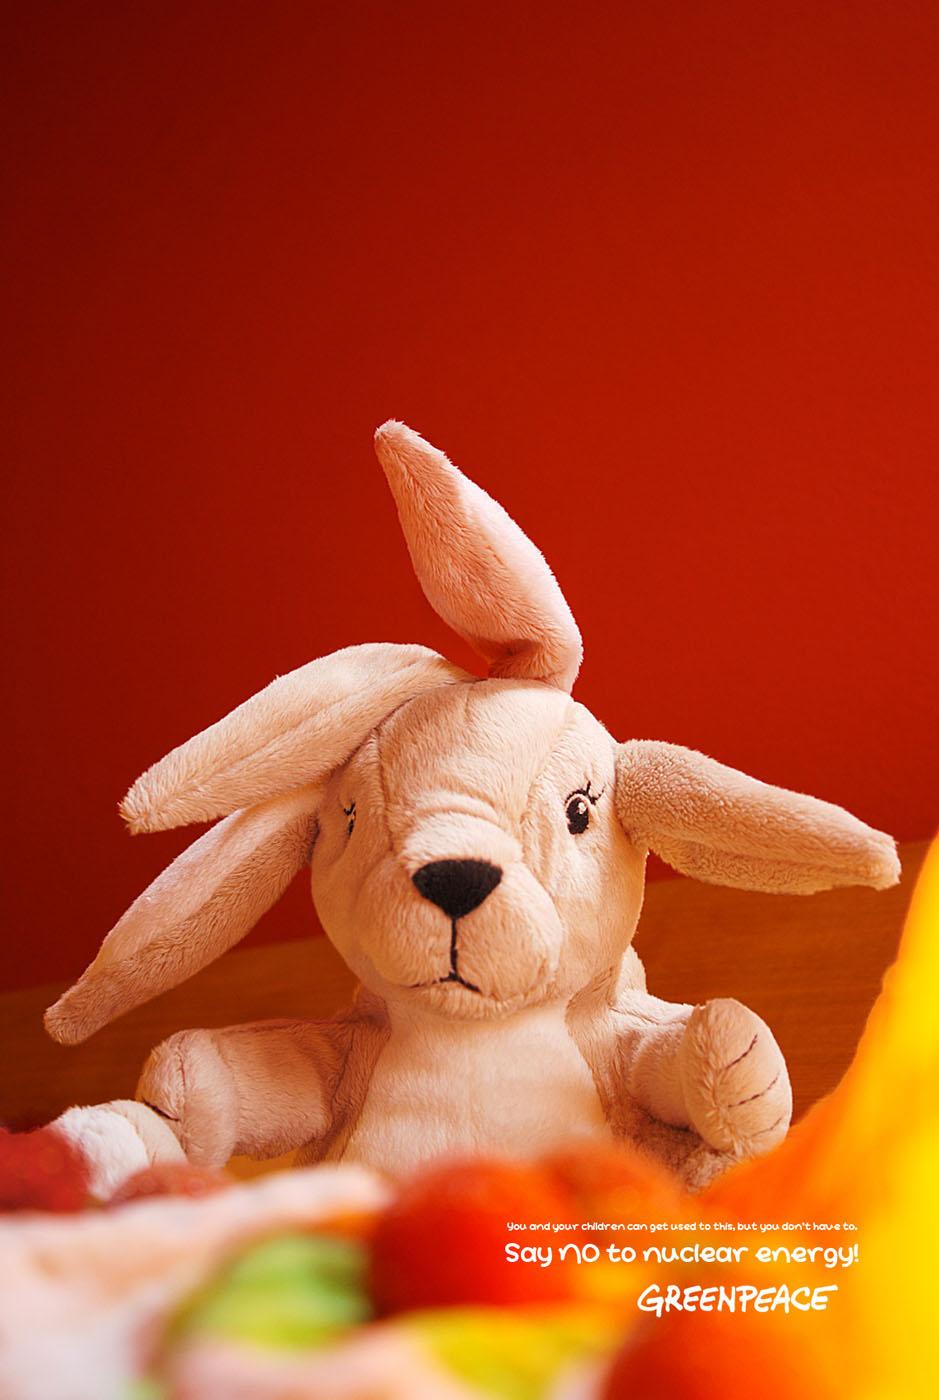 Greenpeace Bunny1 in